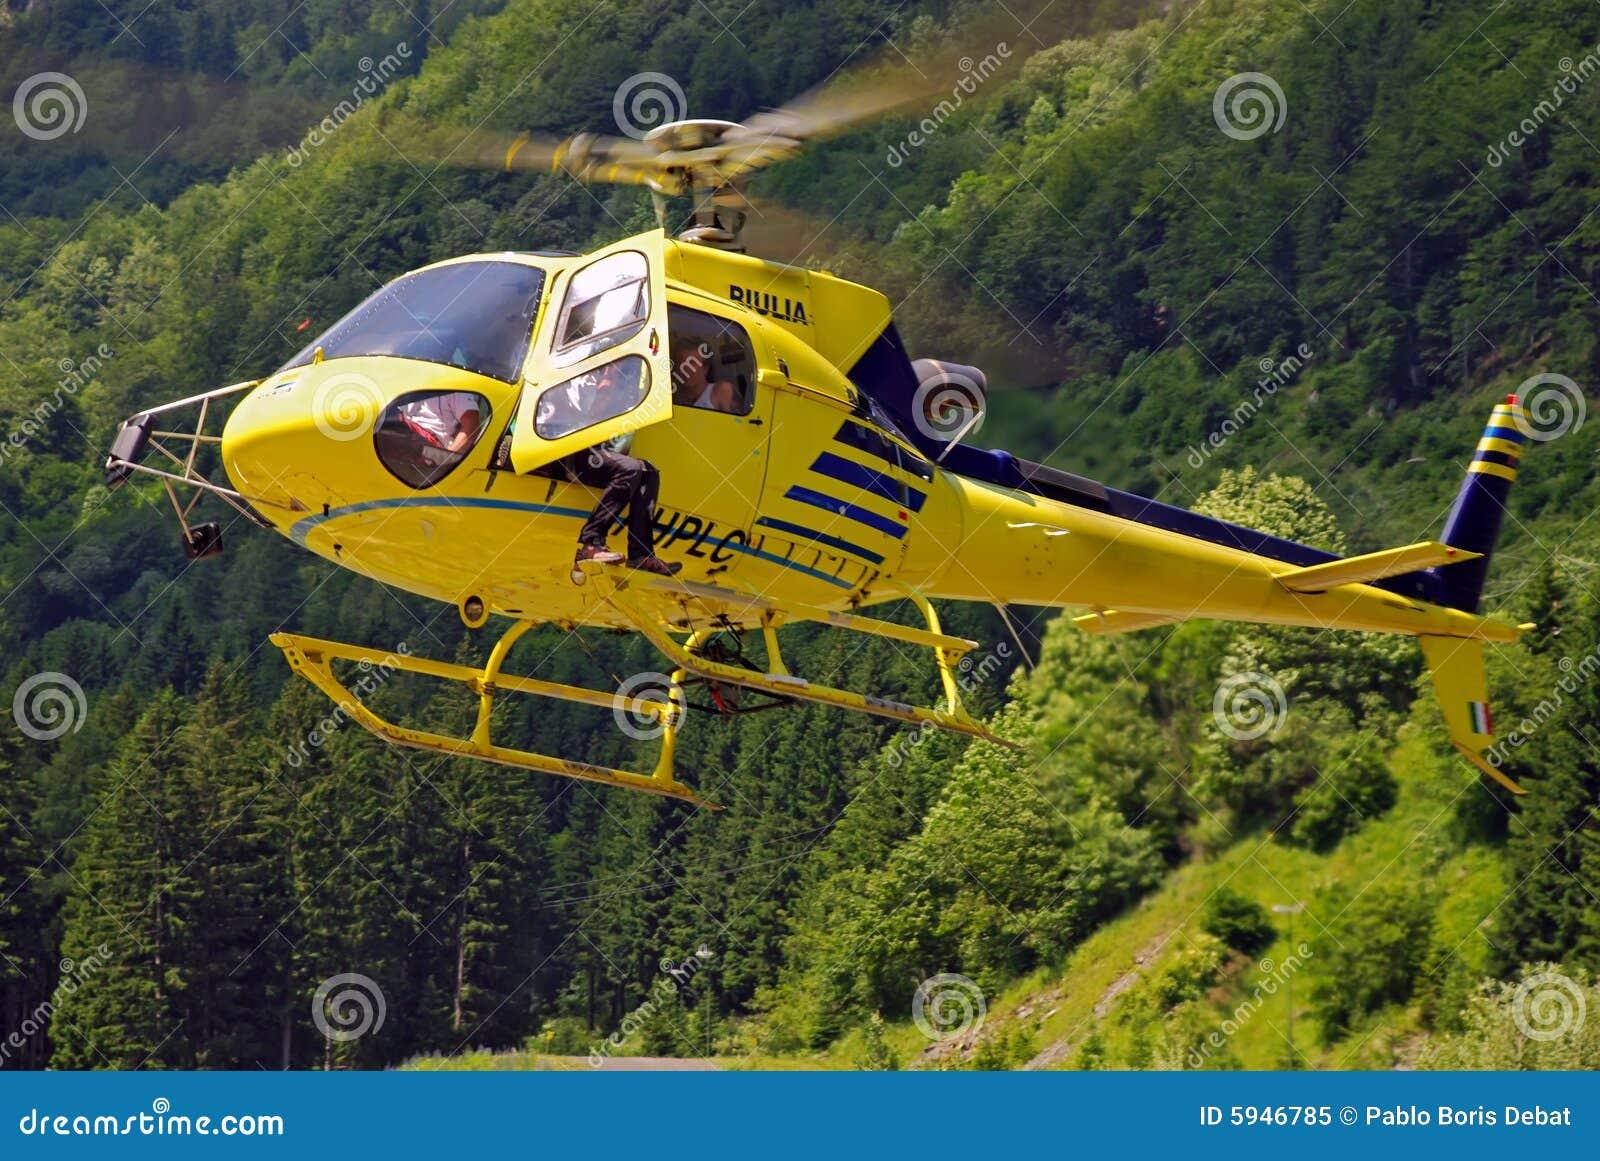 Elicottero Nero E Giallo : Atterraggio giallo dell elicottero sulle alpi di carnic